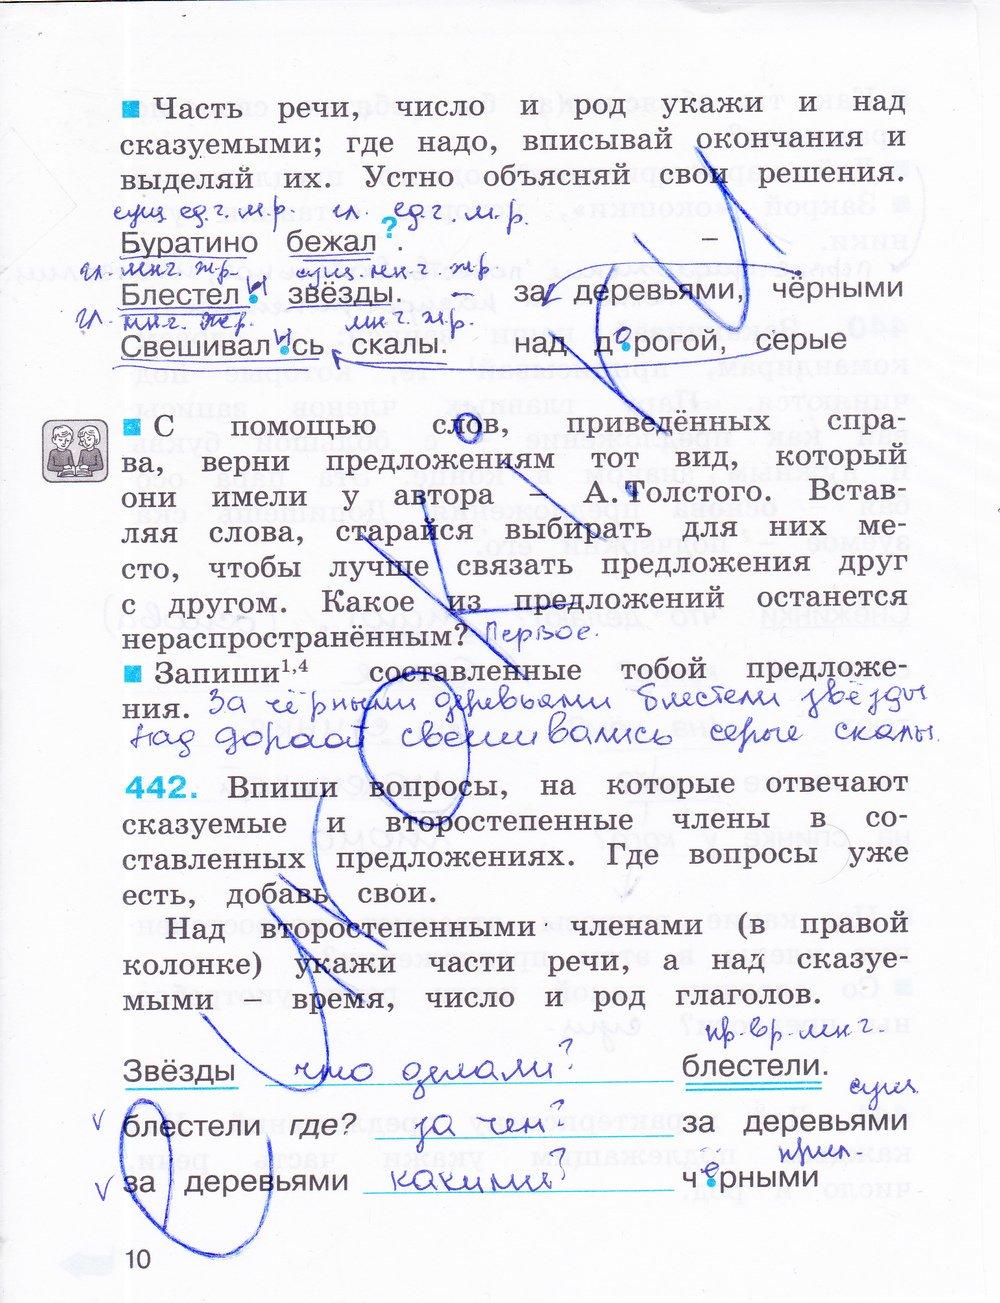 кузьменко гдз решебник 2 класс языку по русскому ответы гдз 3 соловейчик часть